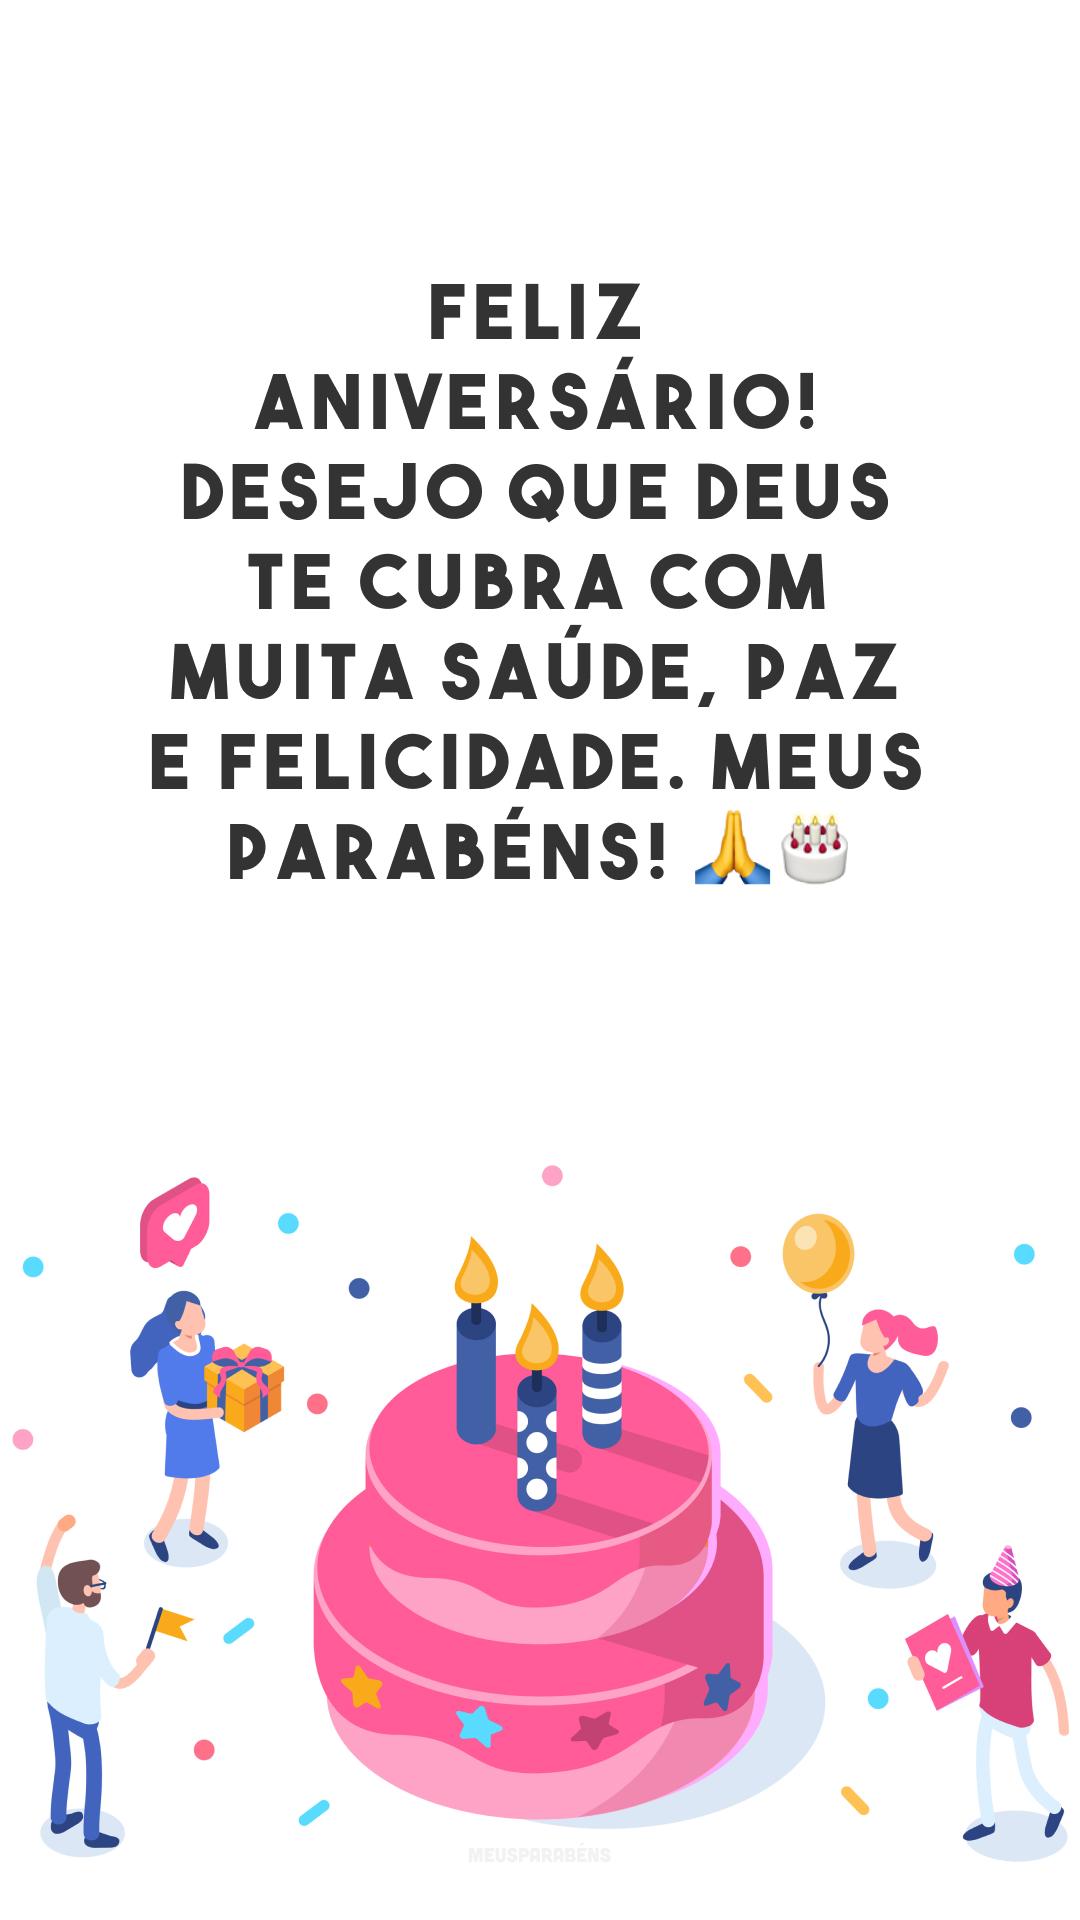 Feliz aniversário! Desejo que Deus te cubra com muita saúde, paz e felicidade. Meus parabéns! 🙏🎂